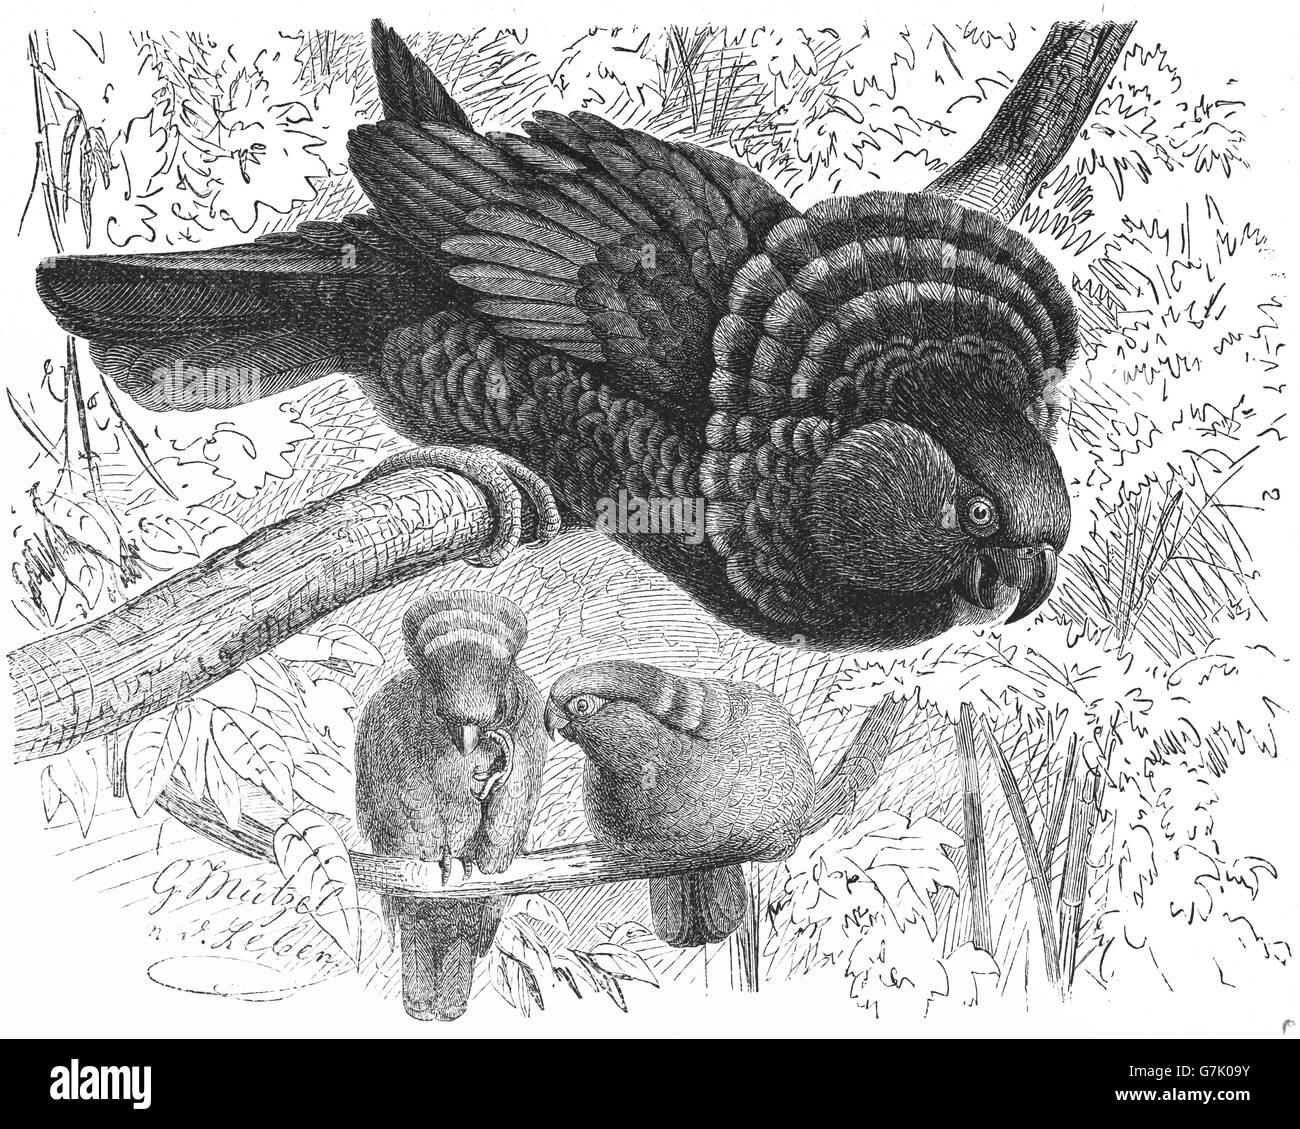 Red-fan parrot, Deroptyus accipitrinus, hawk-headed parrot